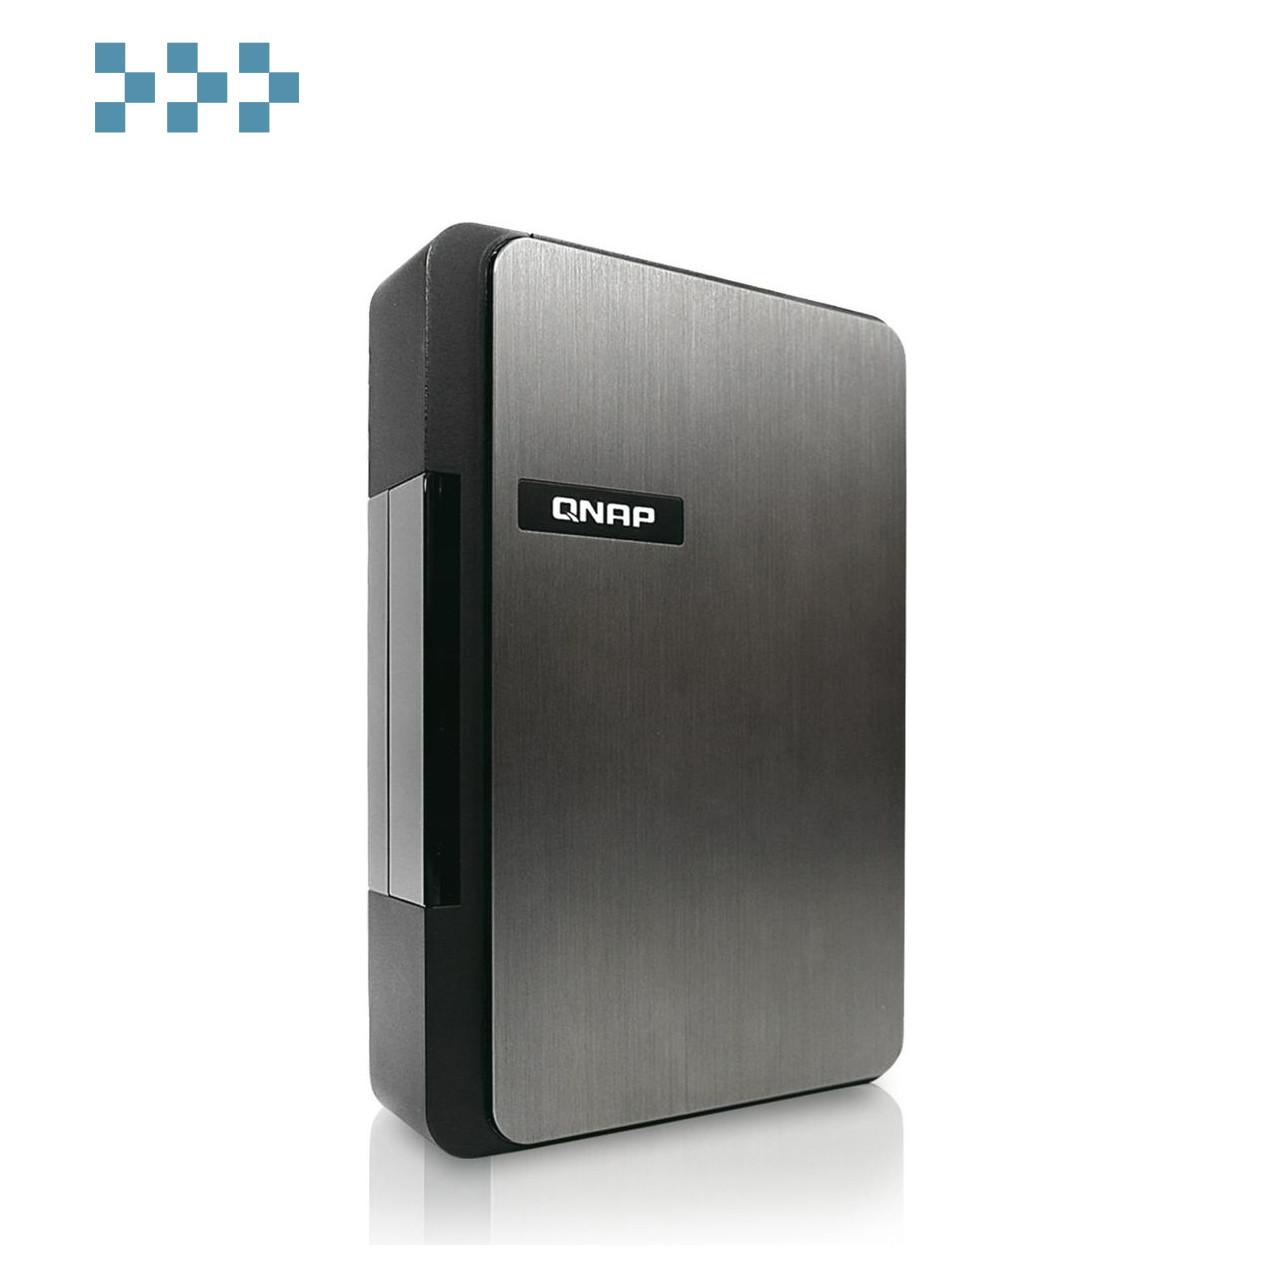 IP-видеорегистратор QNAP VS-S2204 Pro+